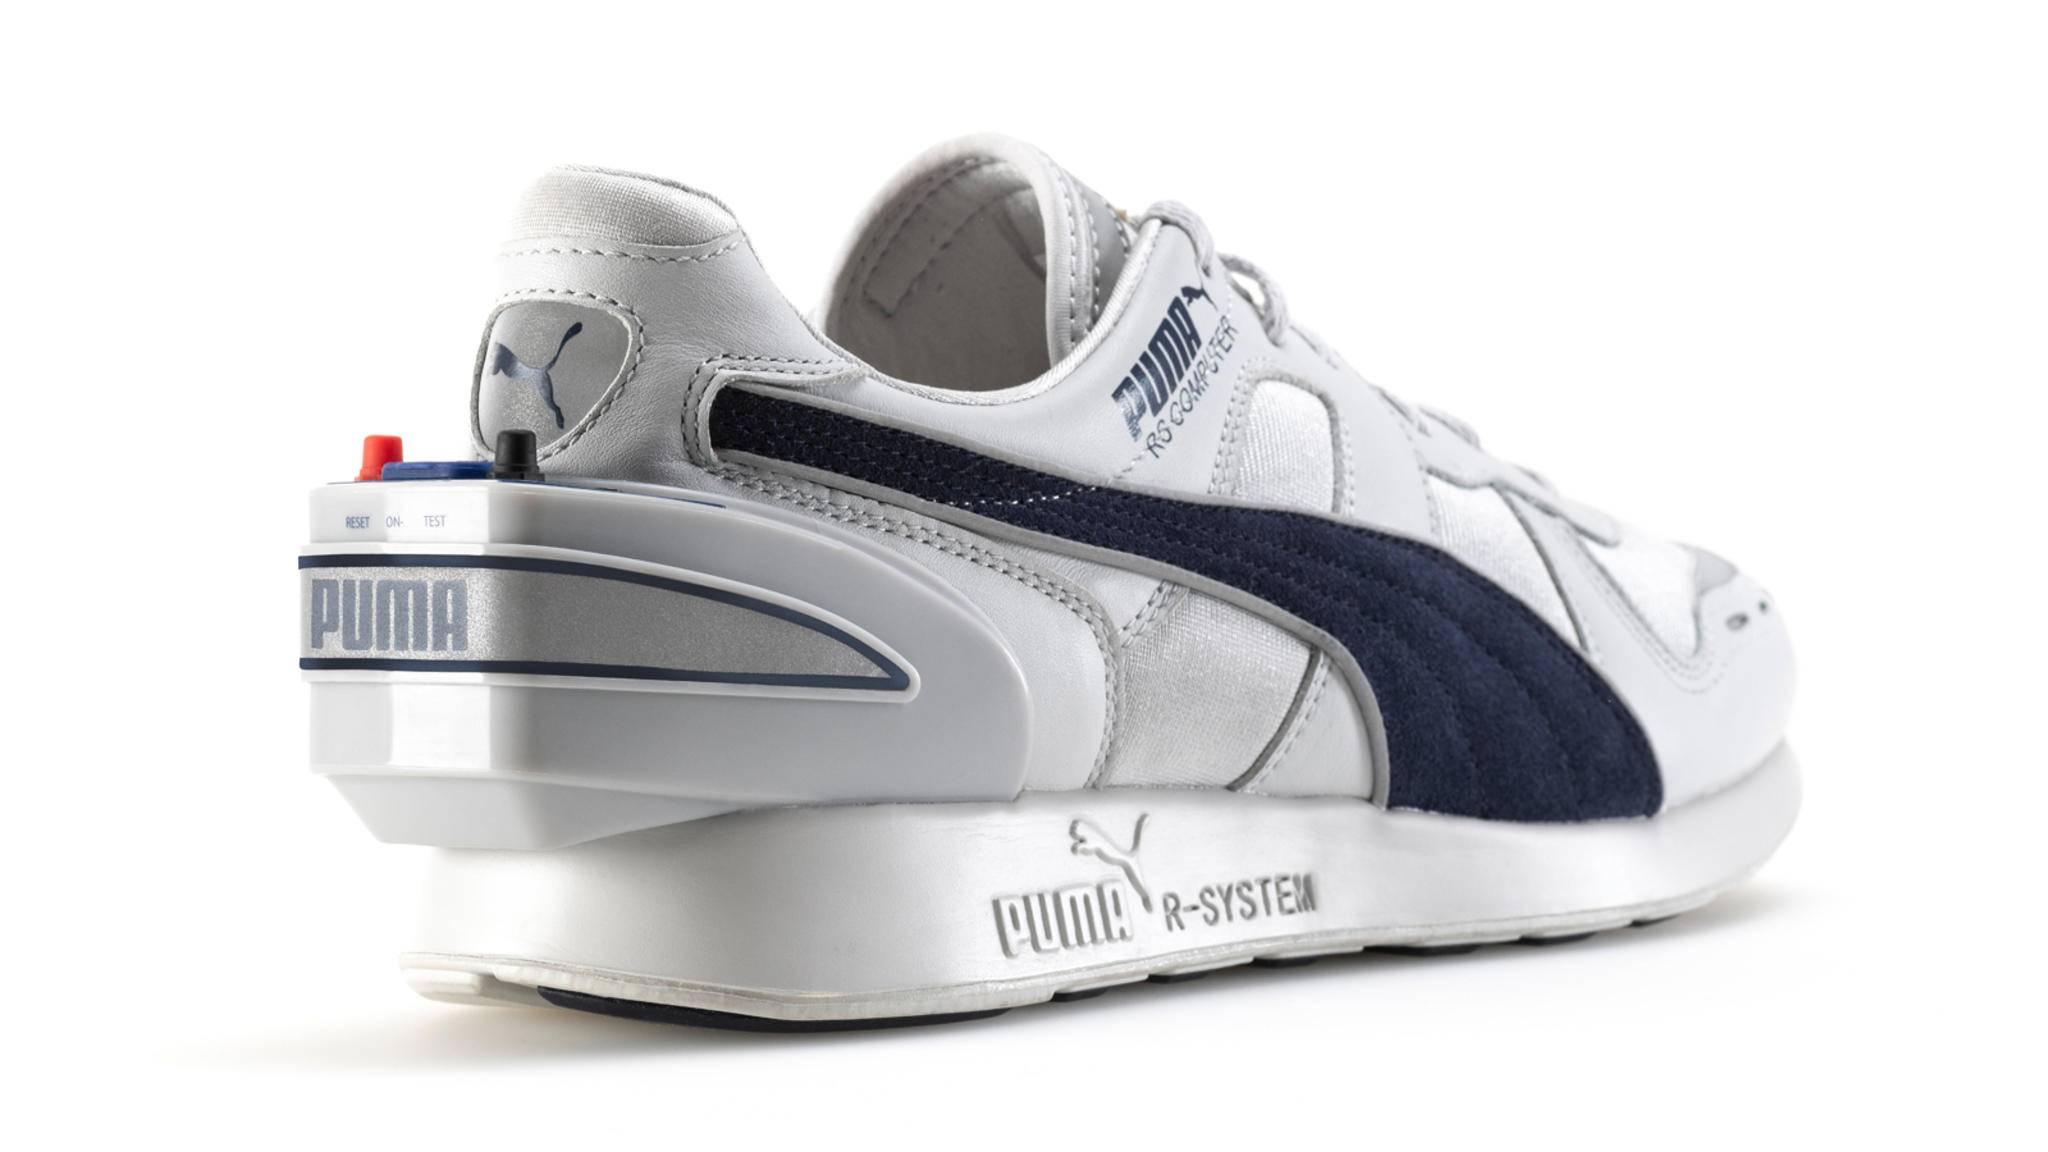 Puma bringt eine limitierte Edition des RS-Computer-Schuhs aus dem Jahr 1986 heraus.